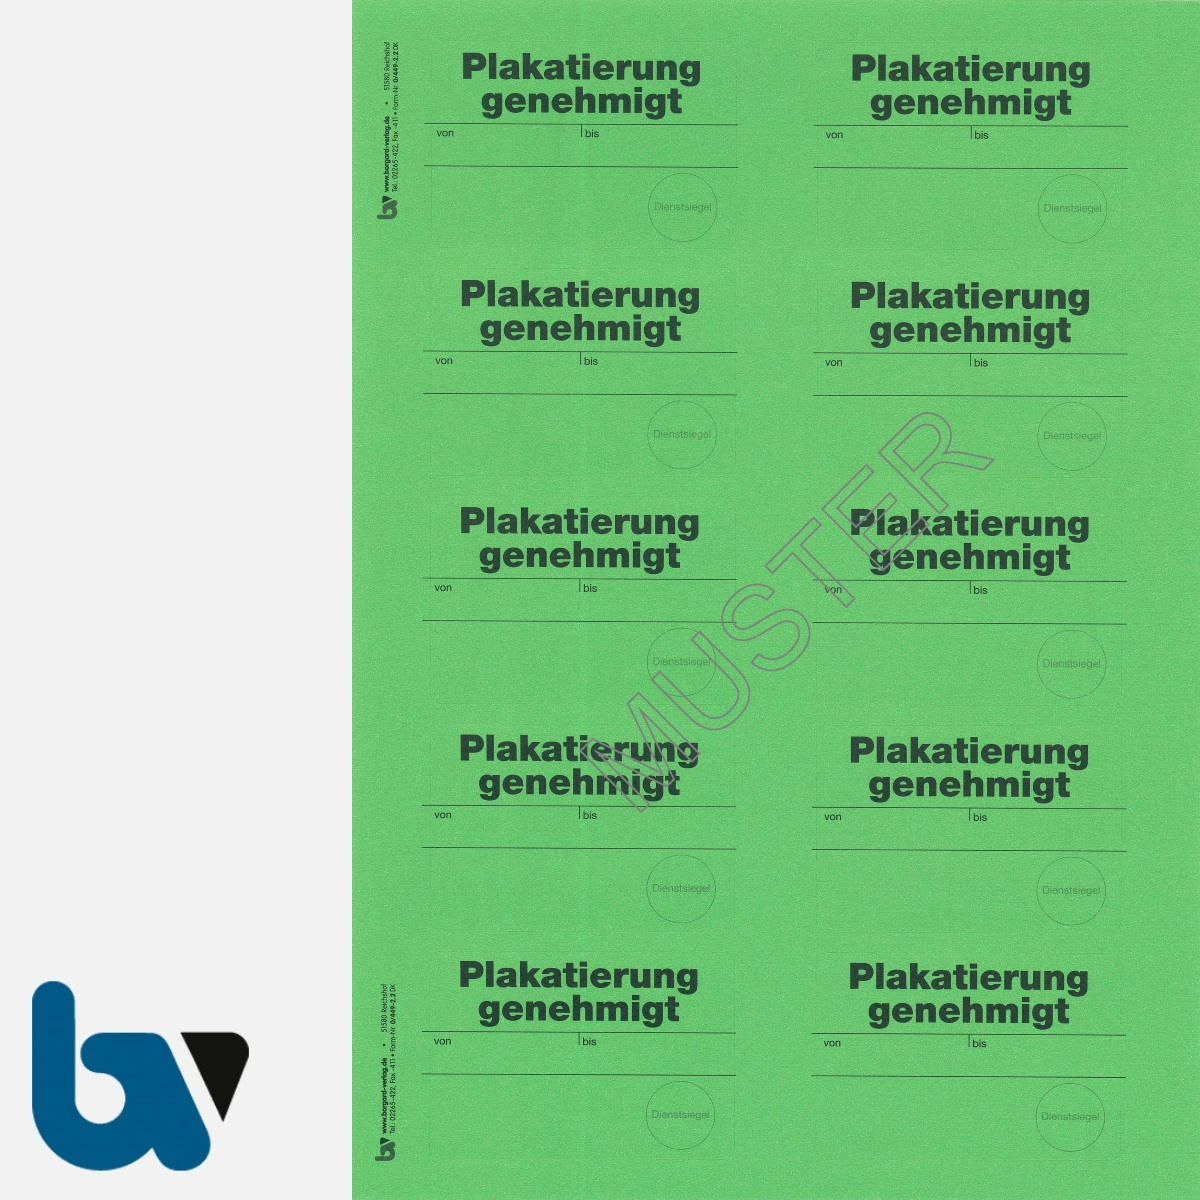 0/449-2.2 Aufkleber Plakatierung genehmigt leucht-grün 75 50 selbstklebend Bogen 10 stück DIN A4 | Borgard Verlag GmbH